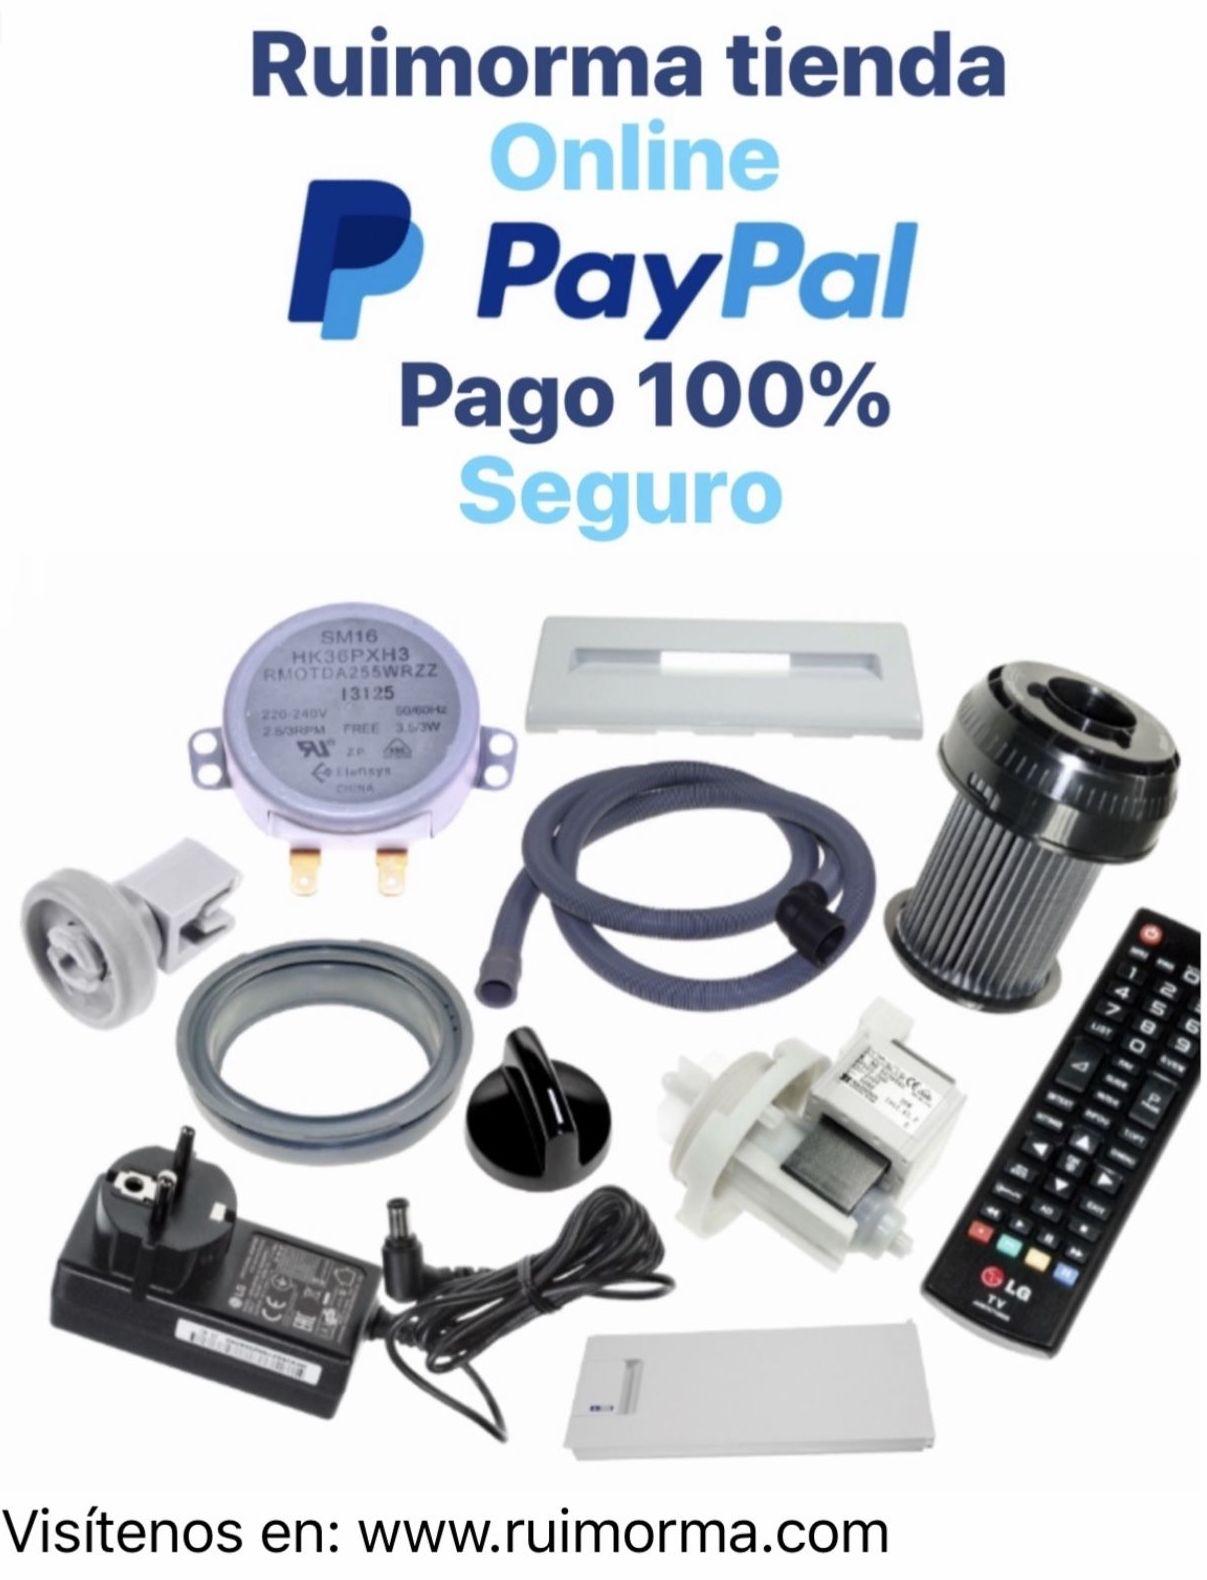 Venta de repuestos para electrodomésticos de forma segura con RUIMORMA y su pago Payy